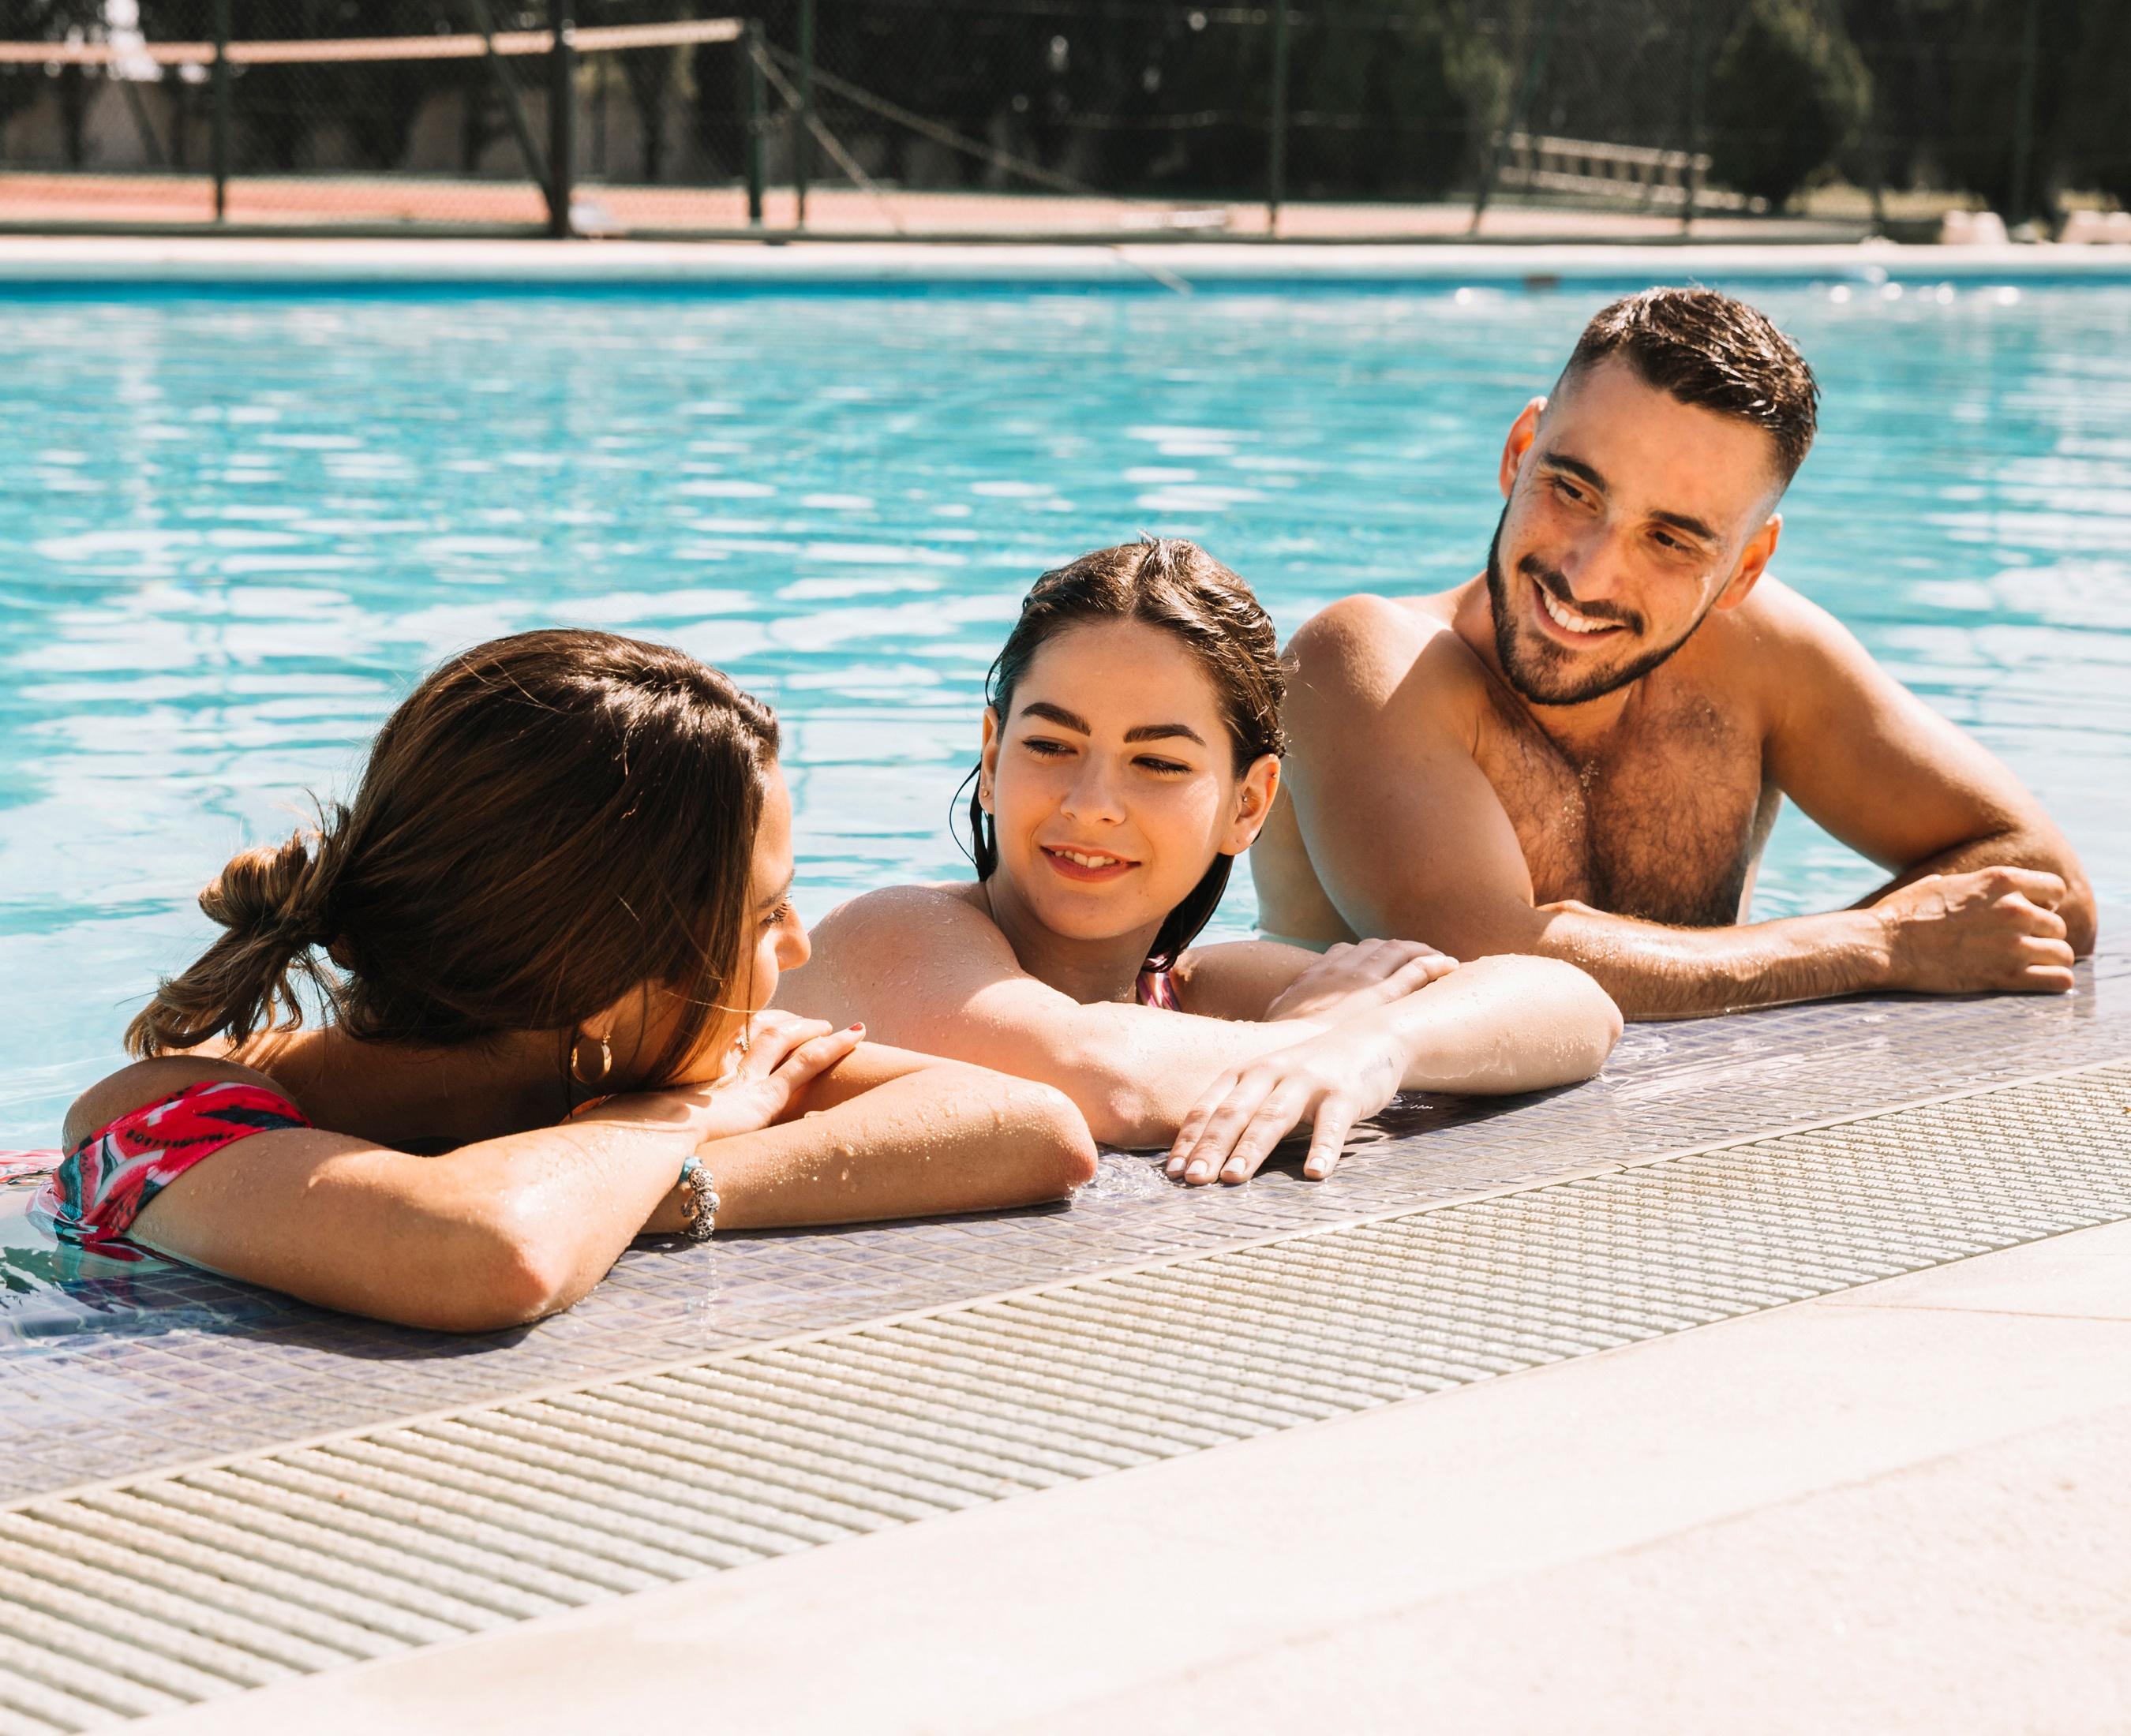 Девушки писают одна девушка в бассейне и несколько парней смотреть голые раком жесткий